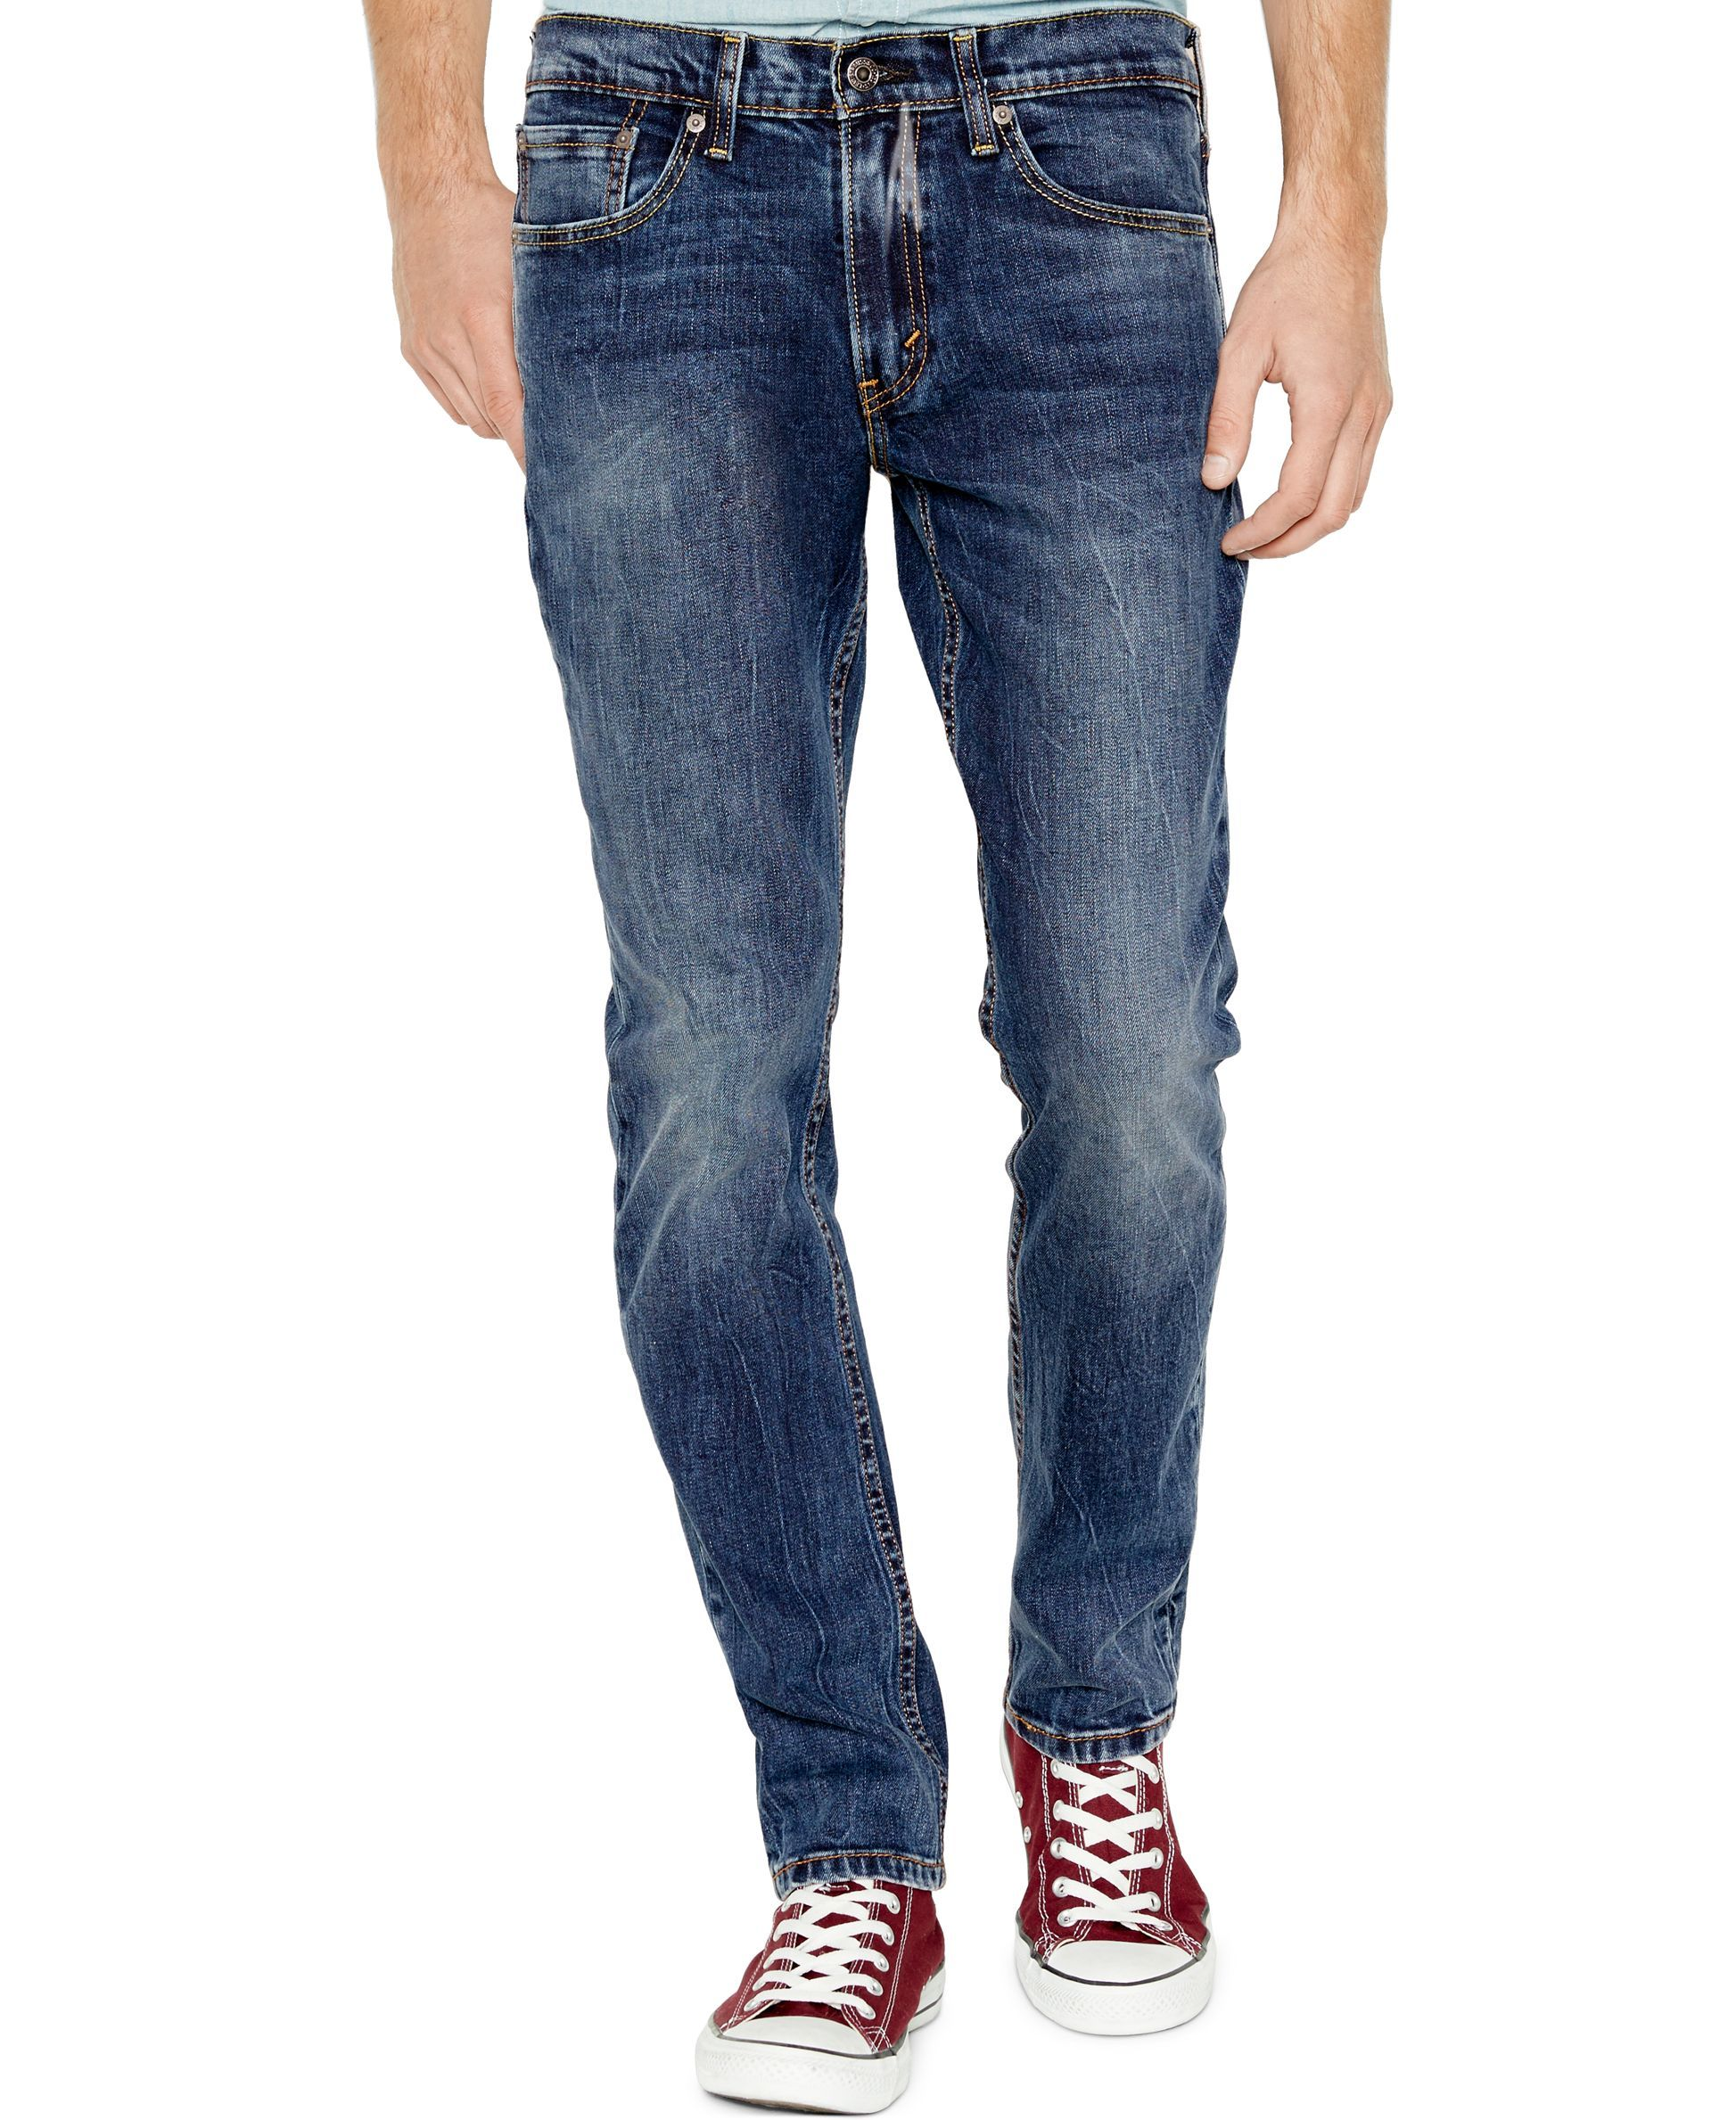 Levis 511 slimfit black stone jeans jeans men macy